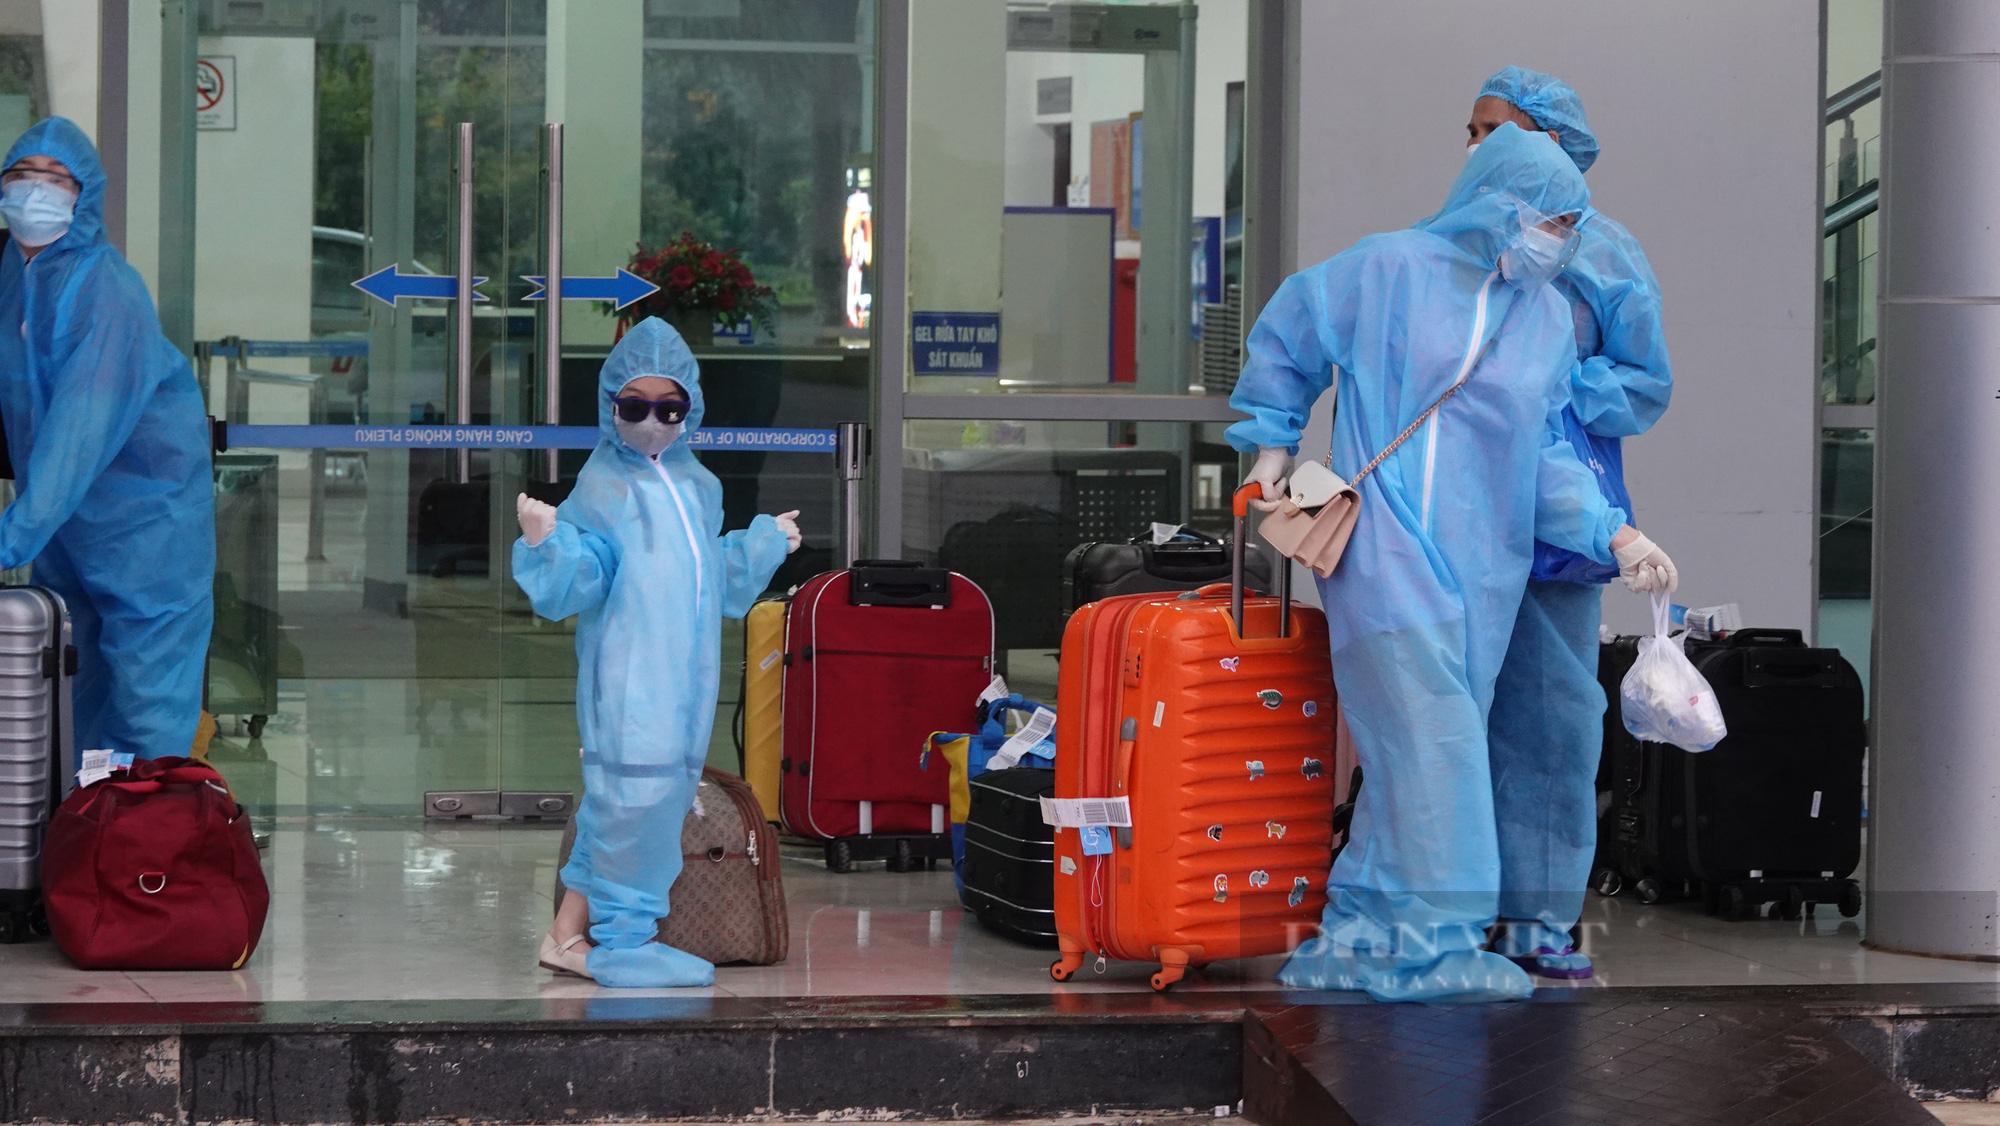 Chuyến bay đầu tiên chở gần 200 công dân từ TP.HCM về Gia Lai - Ảnh 4.